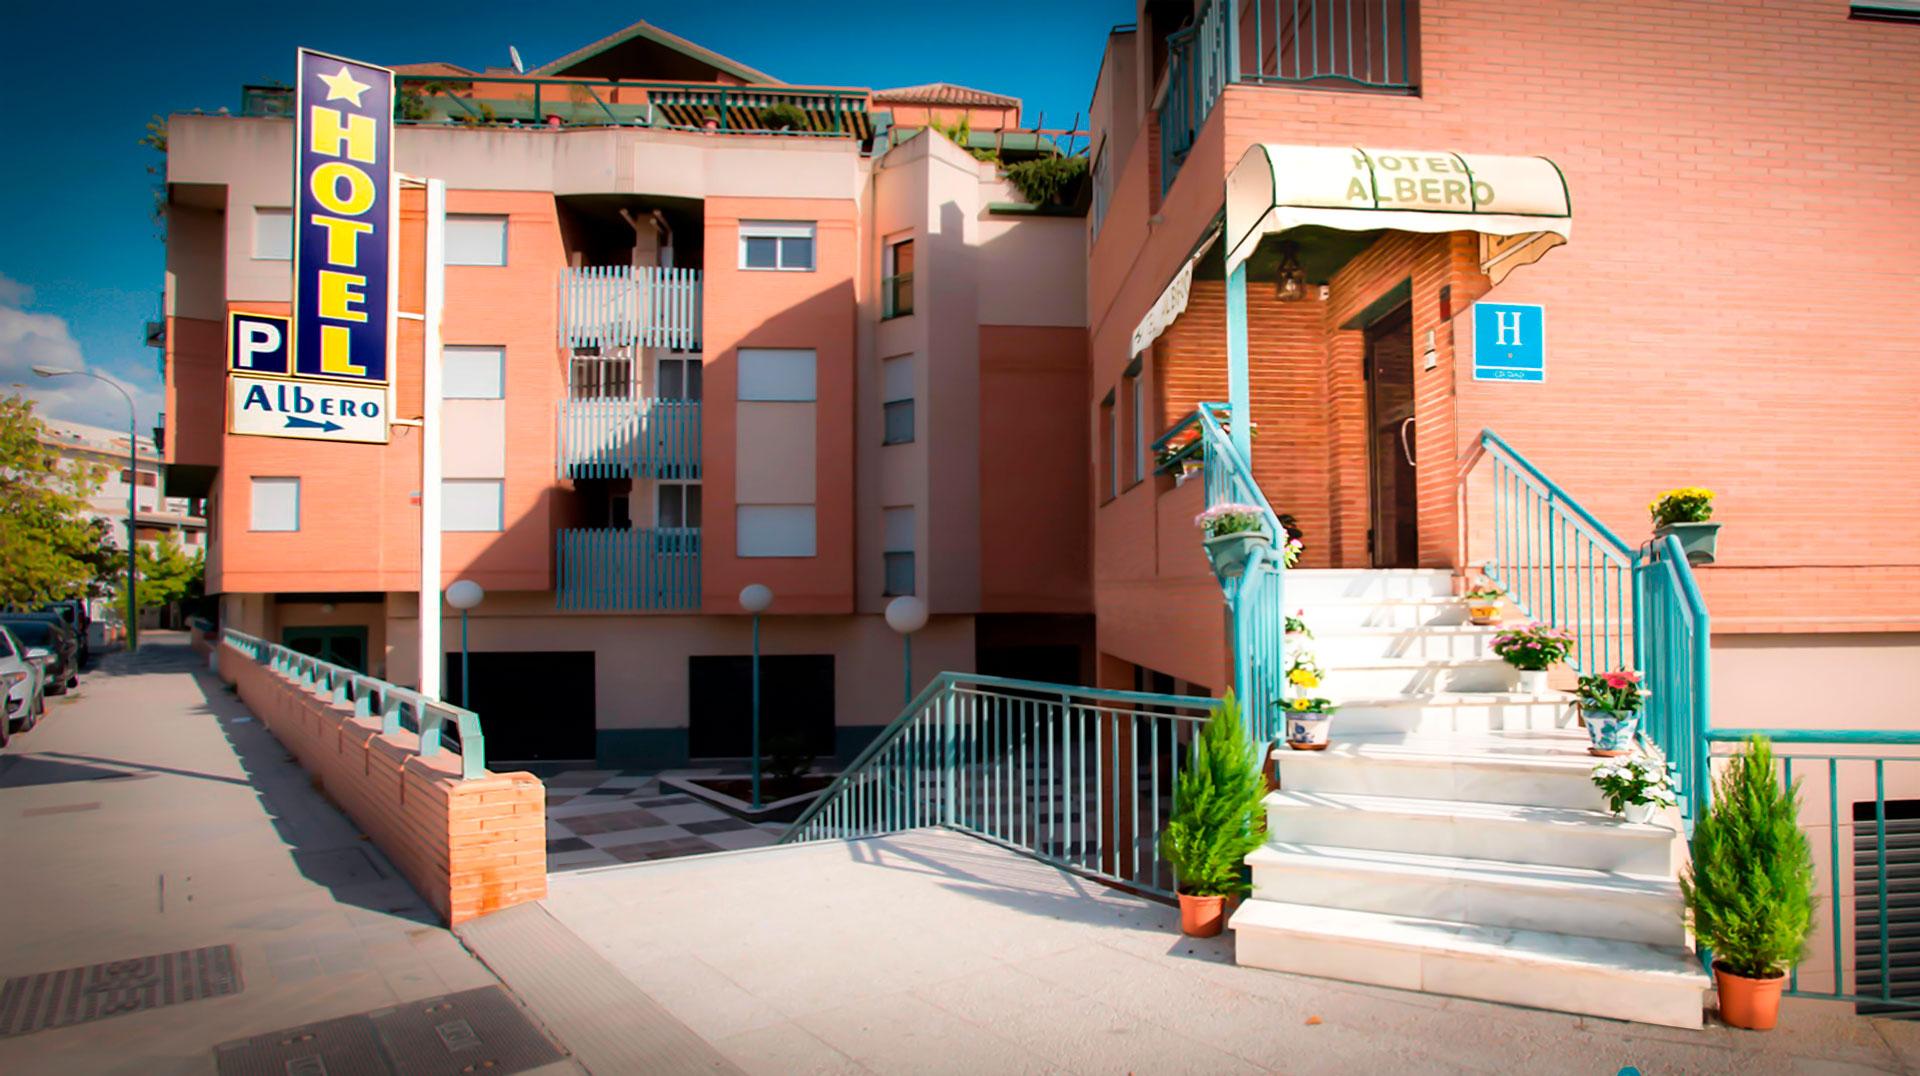 Entrada al hotel Albero